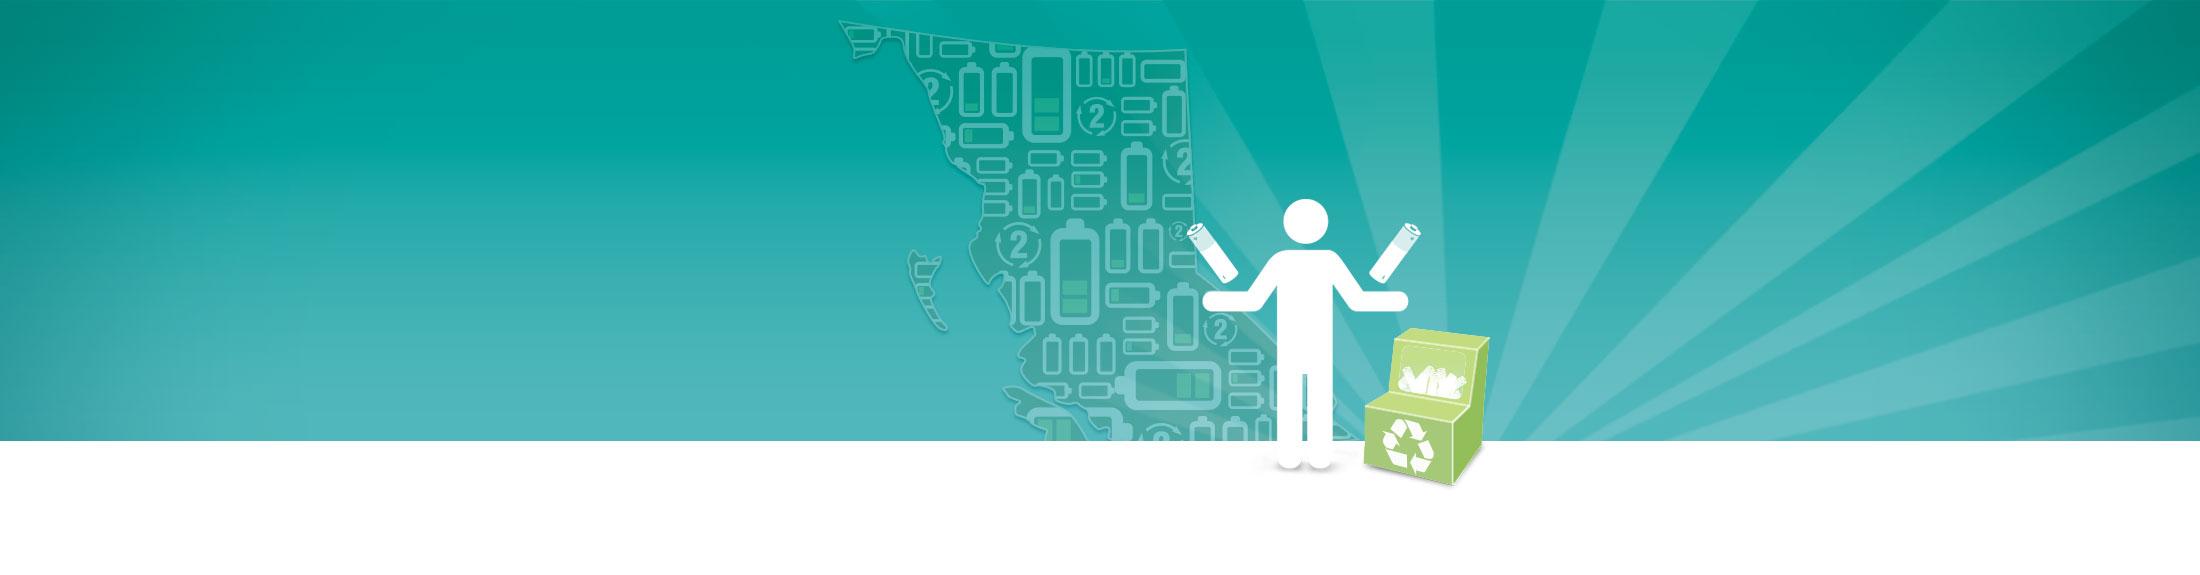 Appel à recycler et Les pourchasseurs de piles Écoapprentis annoncent les résultats du concours Ménage printanier